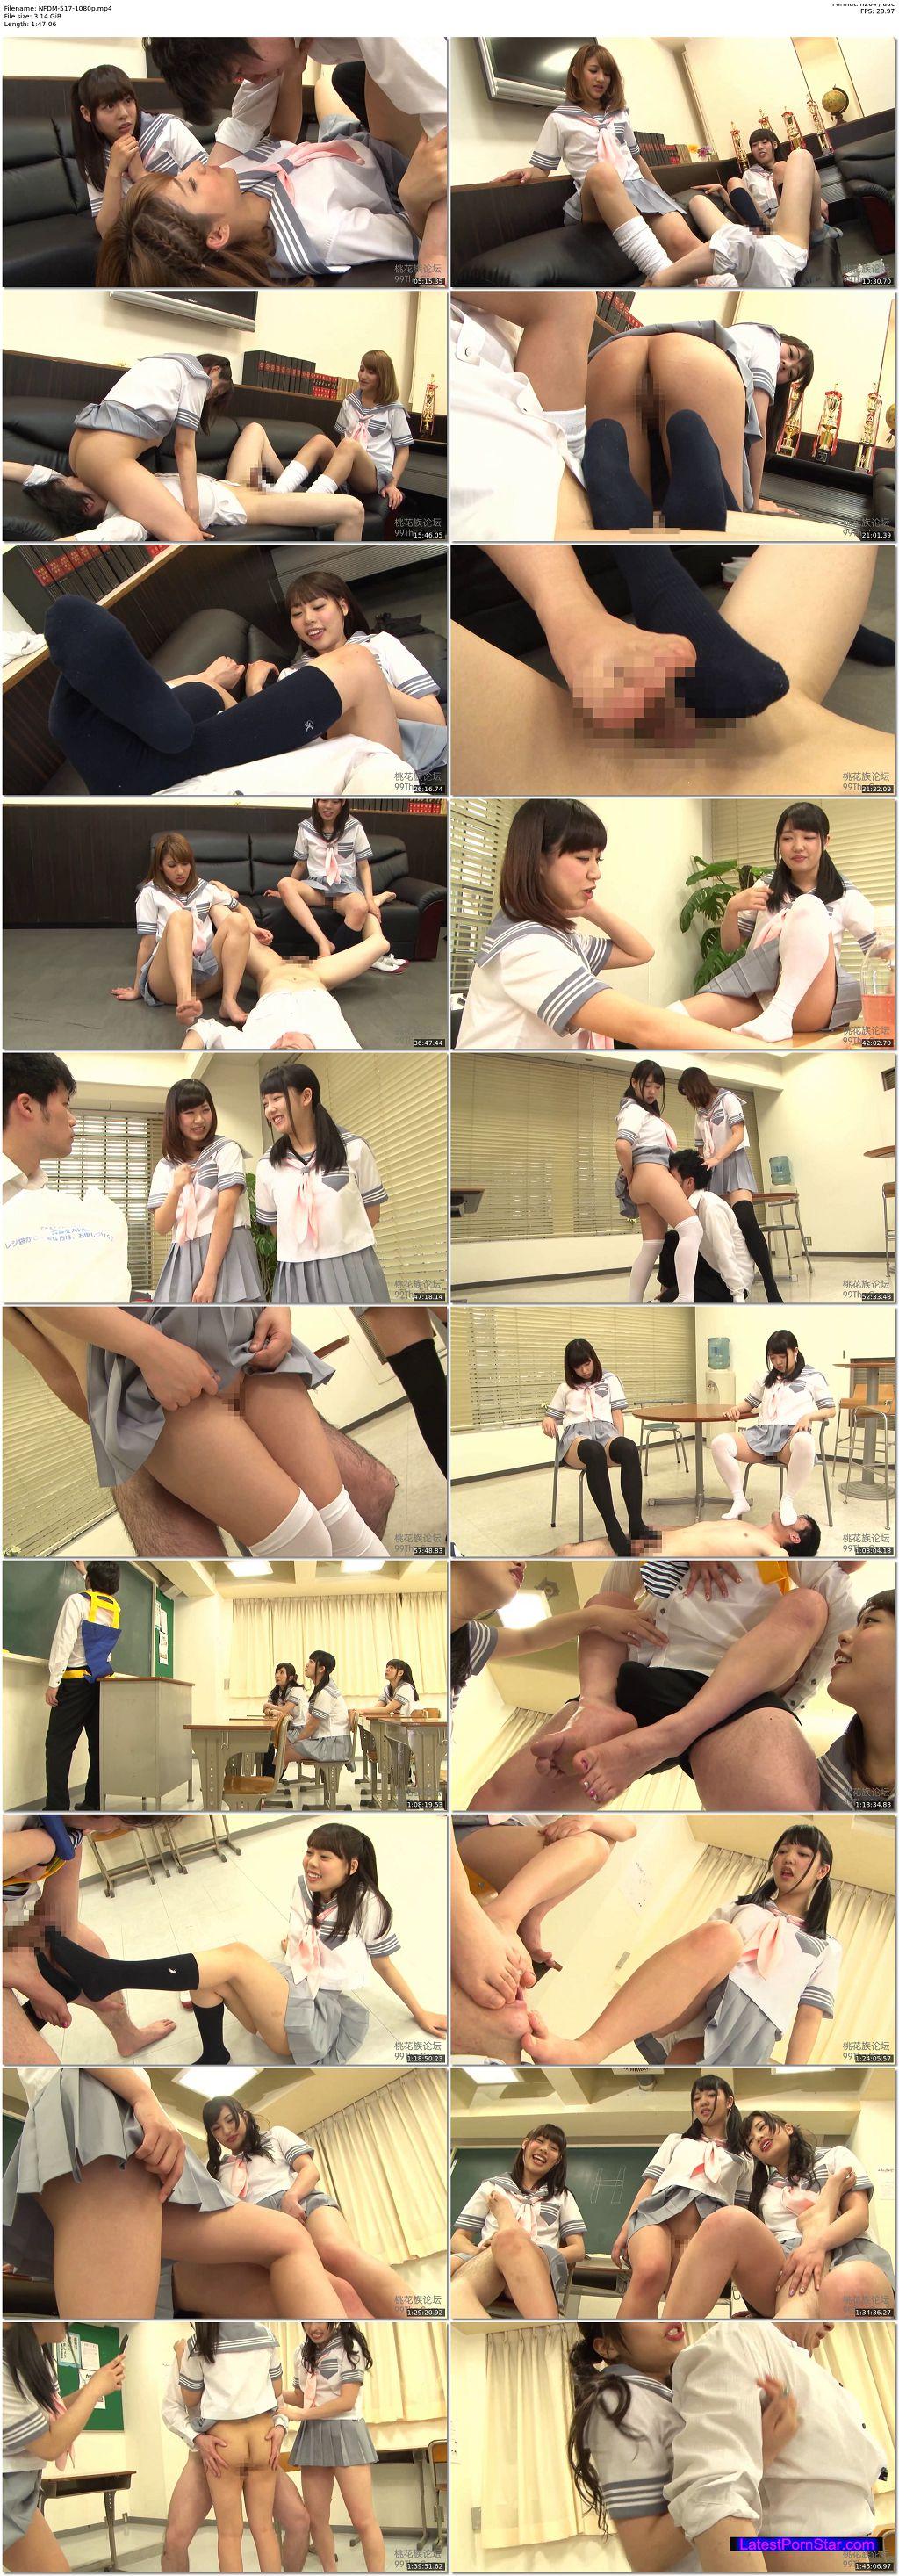 [HD][NFDM-517] 私立 脚コキ学園 思春期の女子の脚の香りは甘酸っぱすぎて…